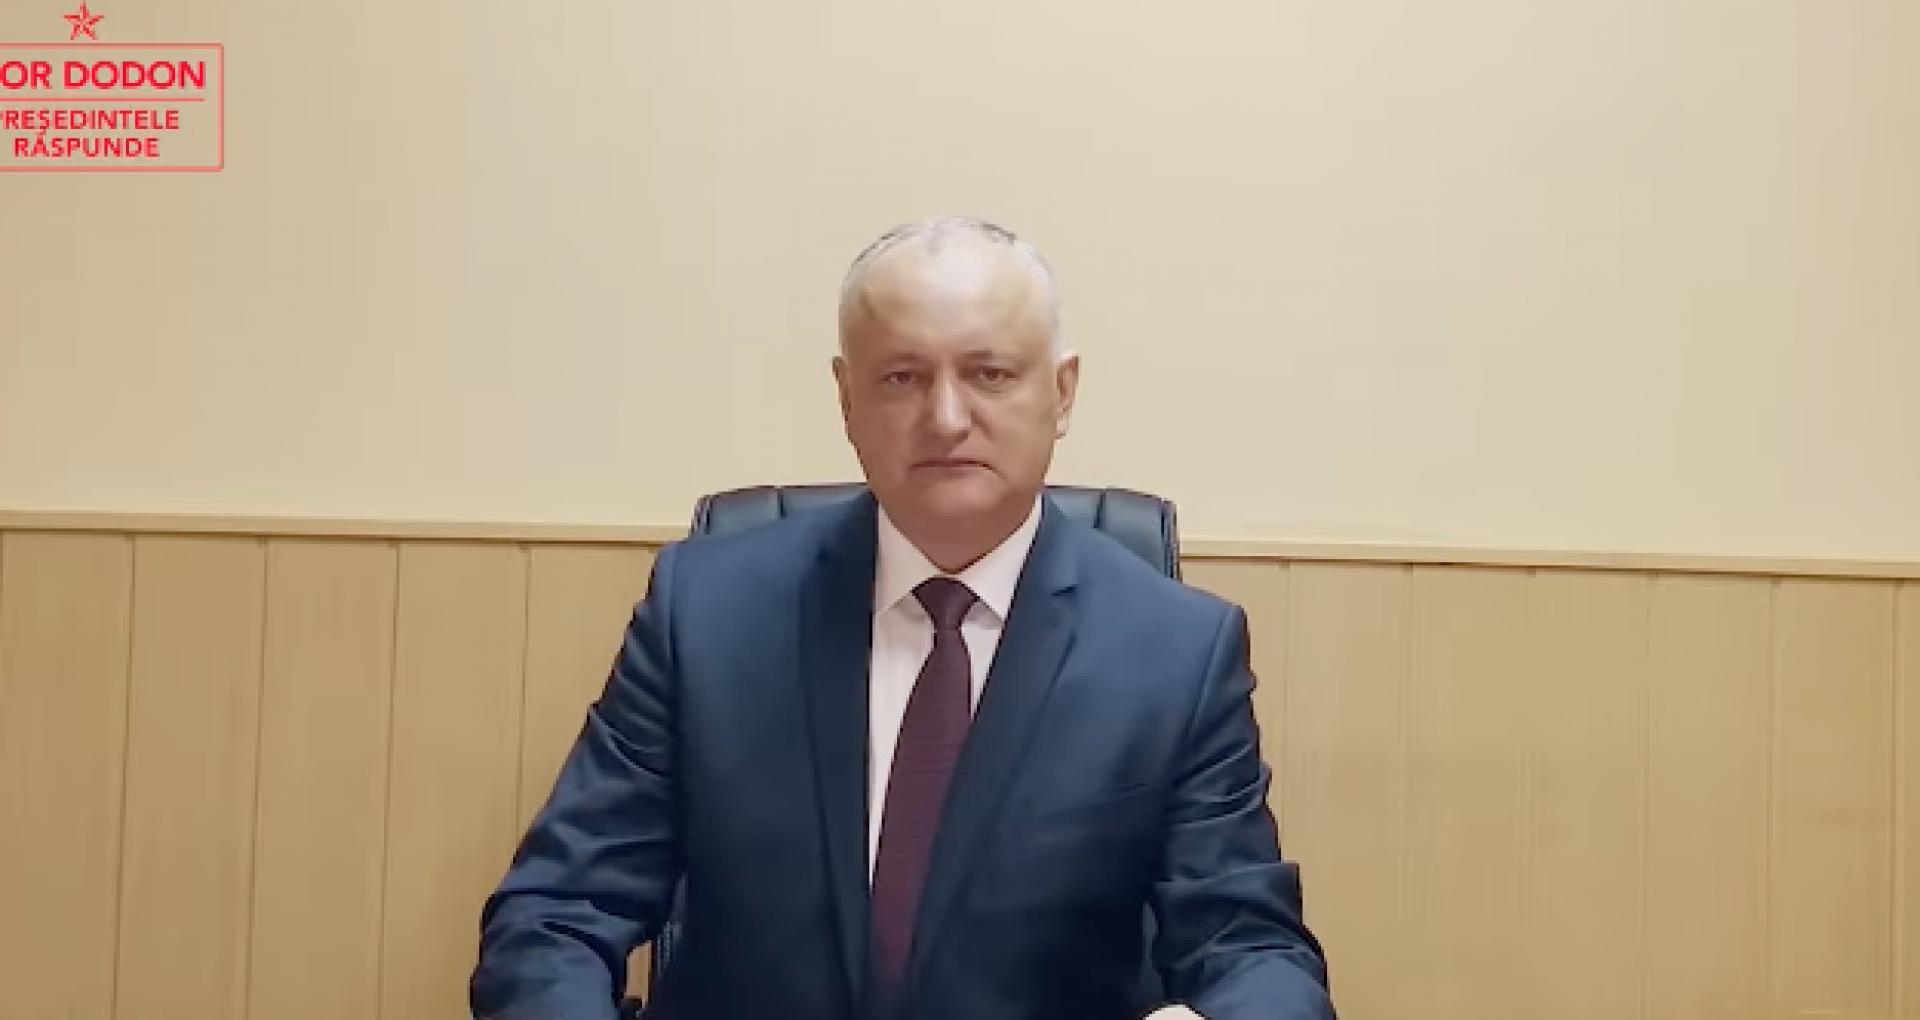 """Circulara emisă de Ministerul de Externe, după ce Dodon a filmat un episod din emisiunea sa în incinta Ambasadei R. Moldova la Moscova: """"Sediile misiunilor diplomatice nu pot fi folosite în scopuri politice"""""""